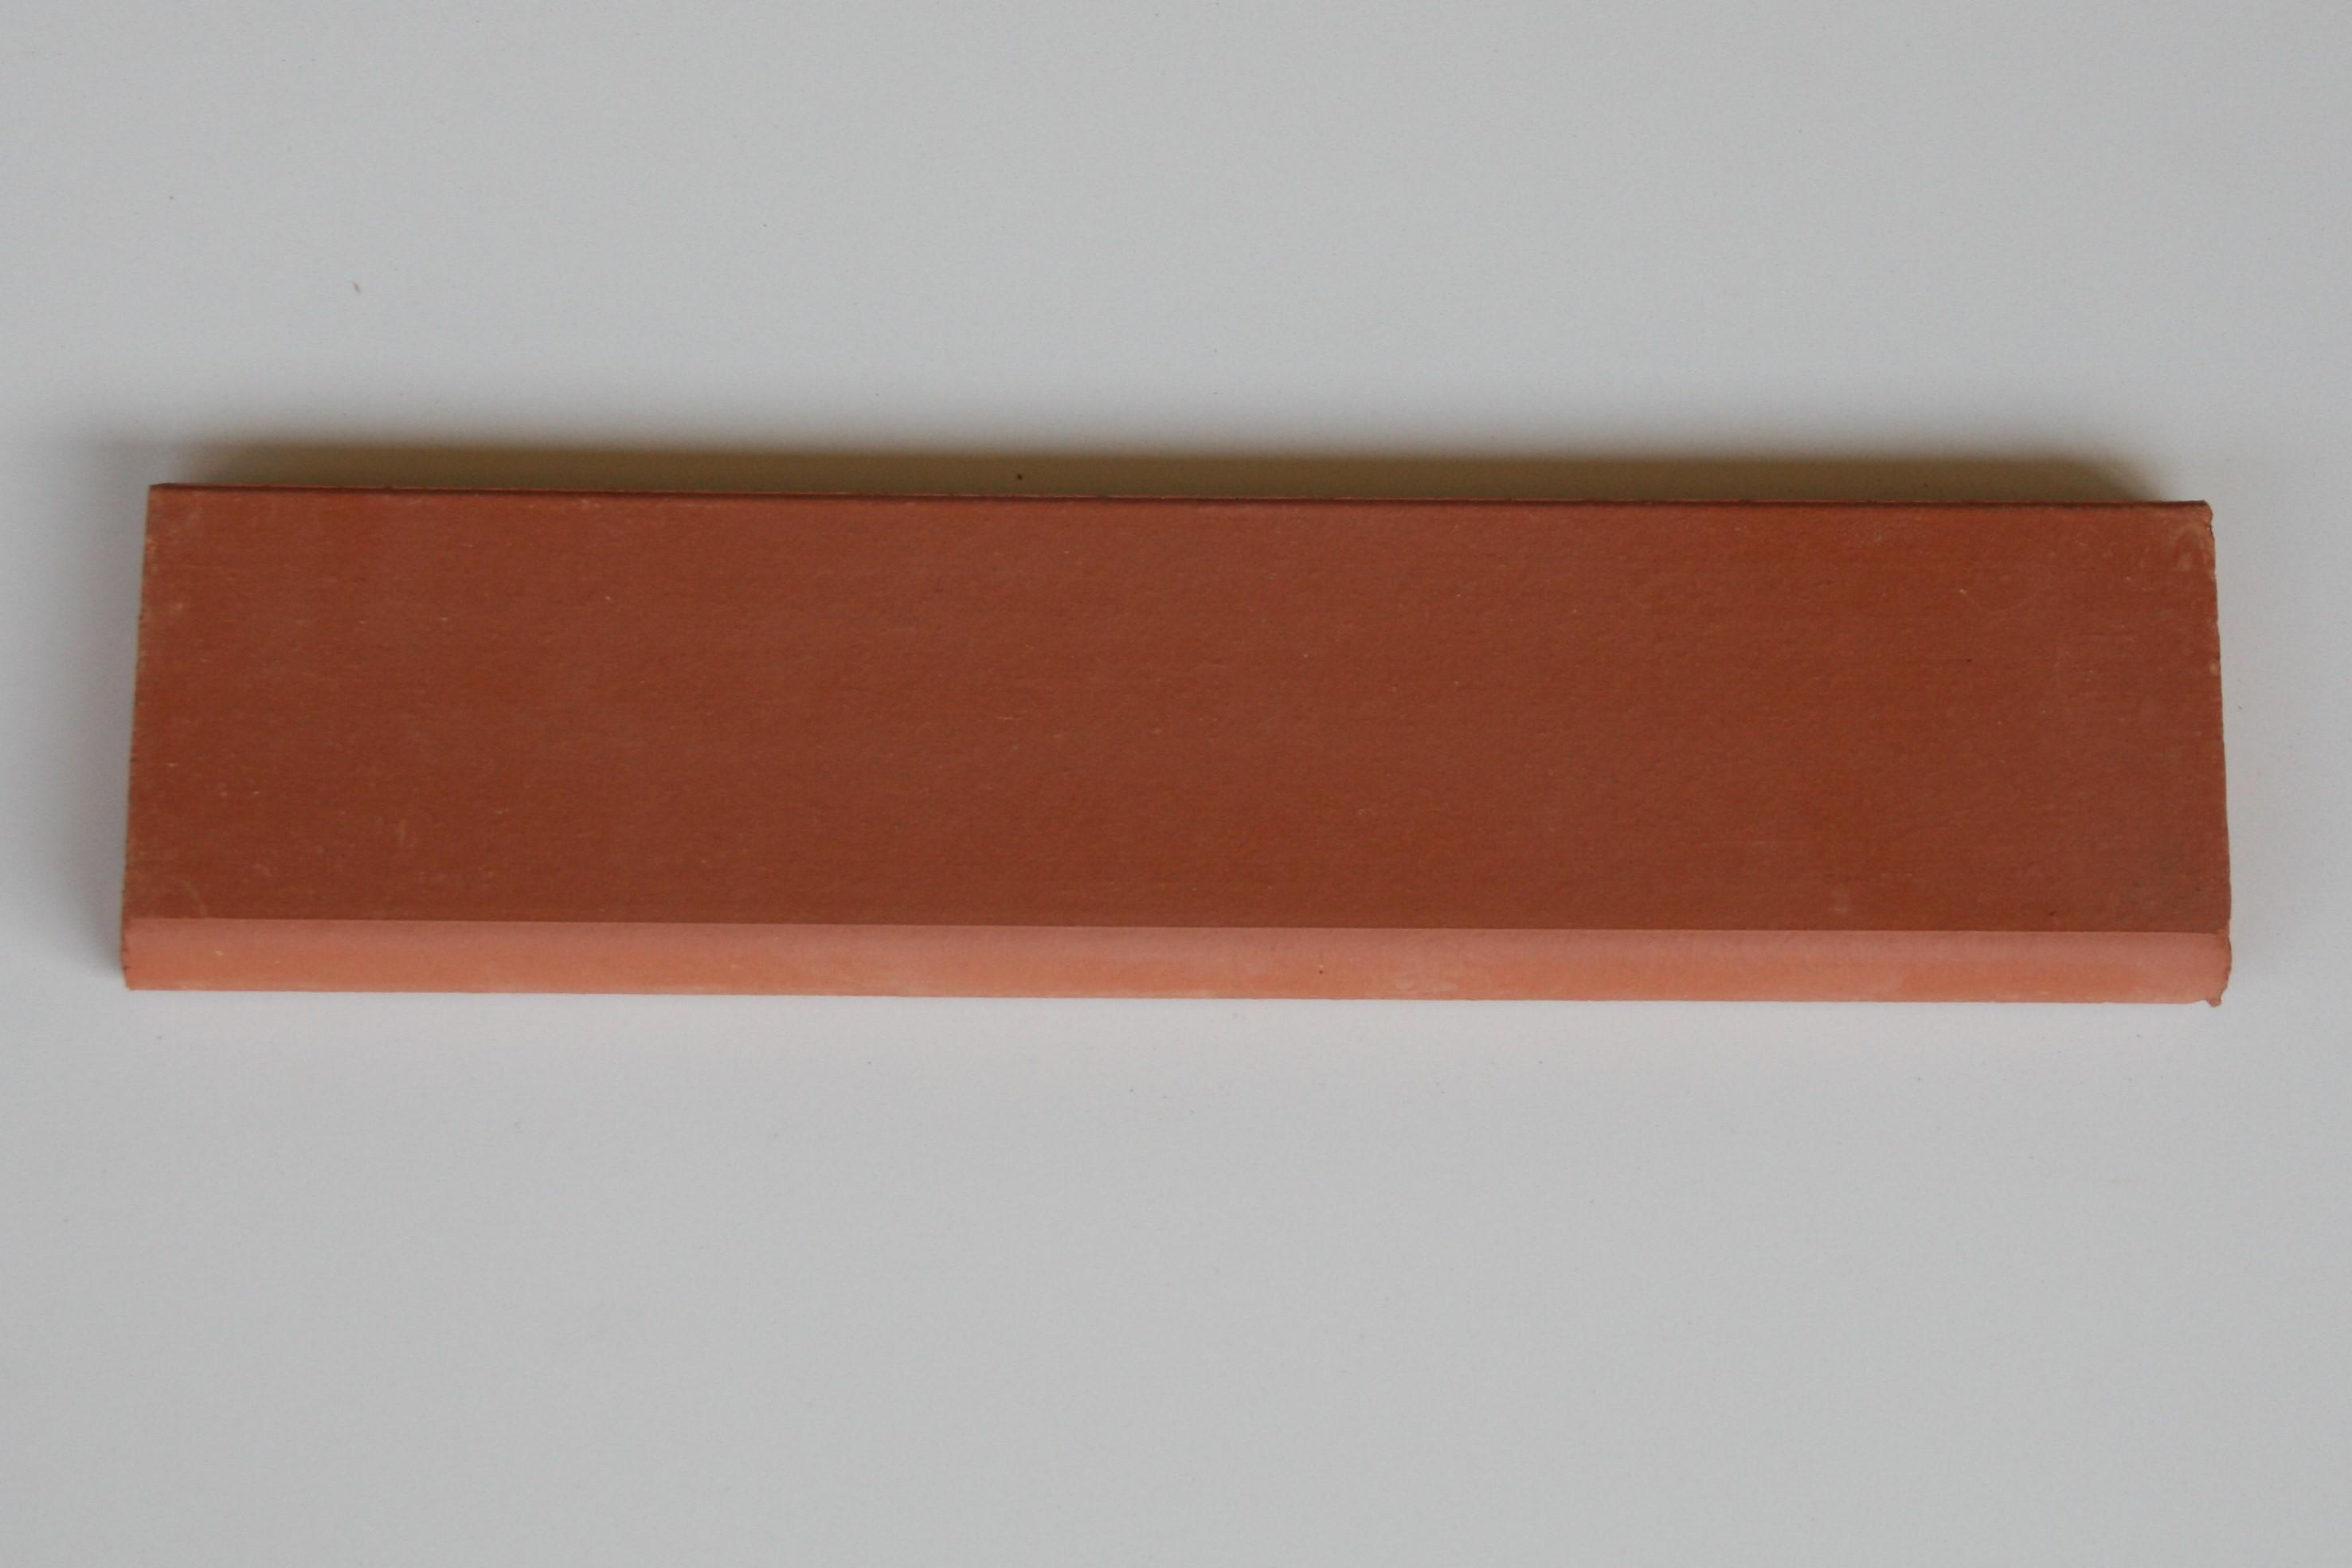 Plinthe en terre cuite lisse saumon 28x6.5x1.3 cm